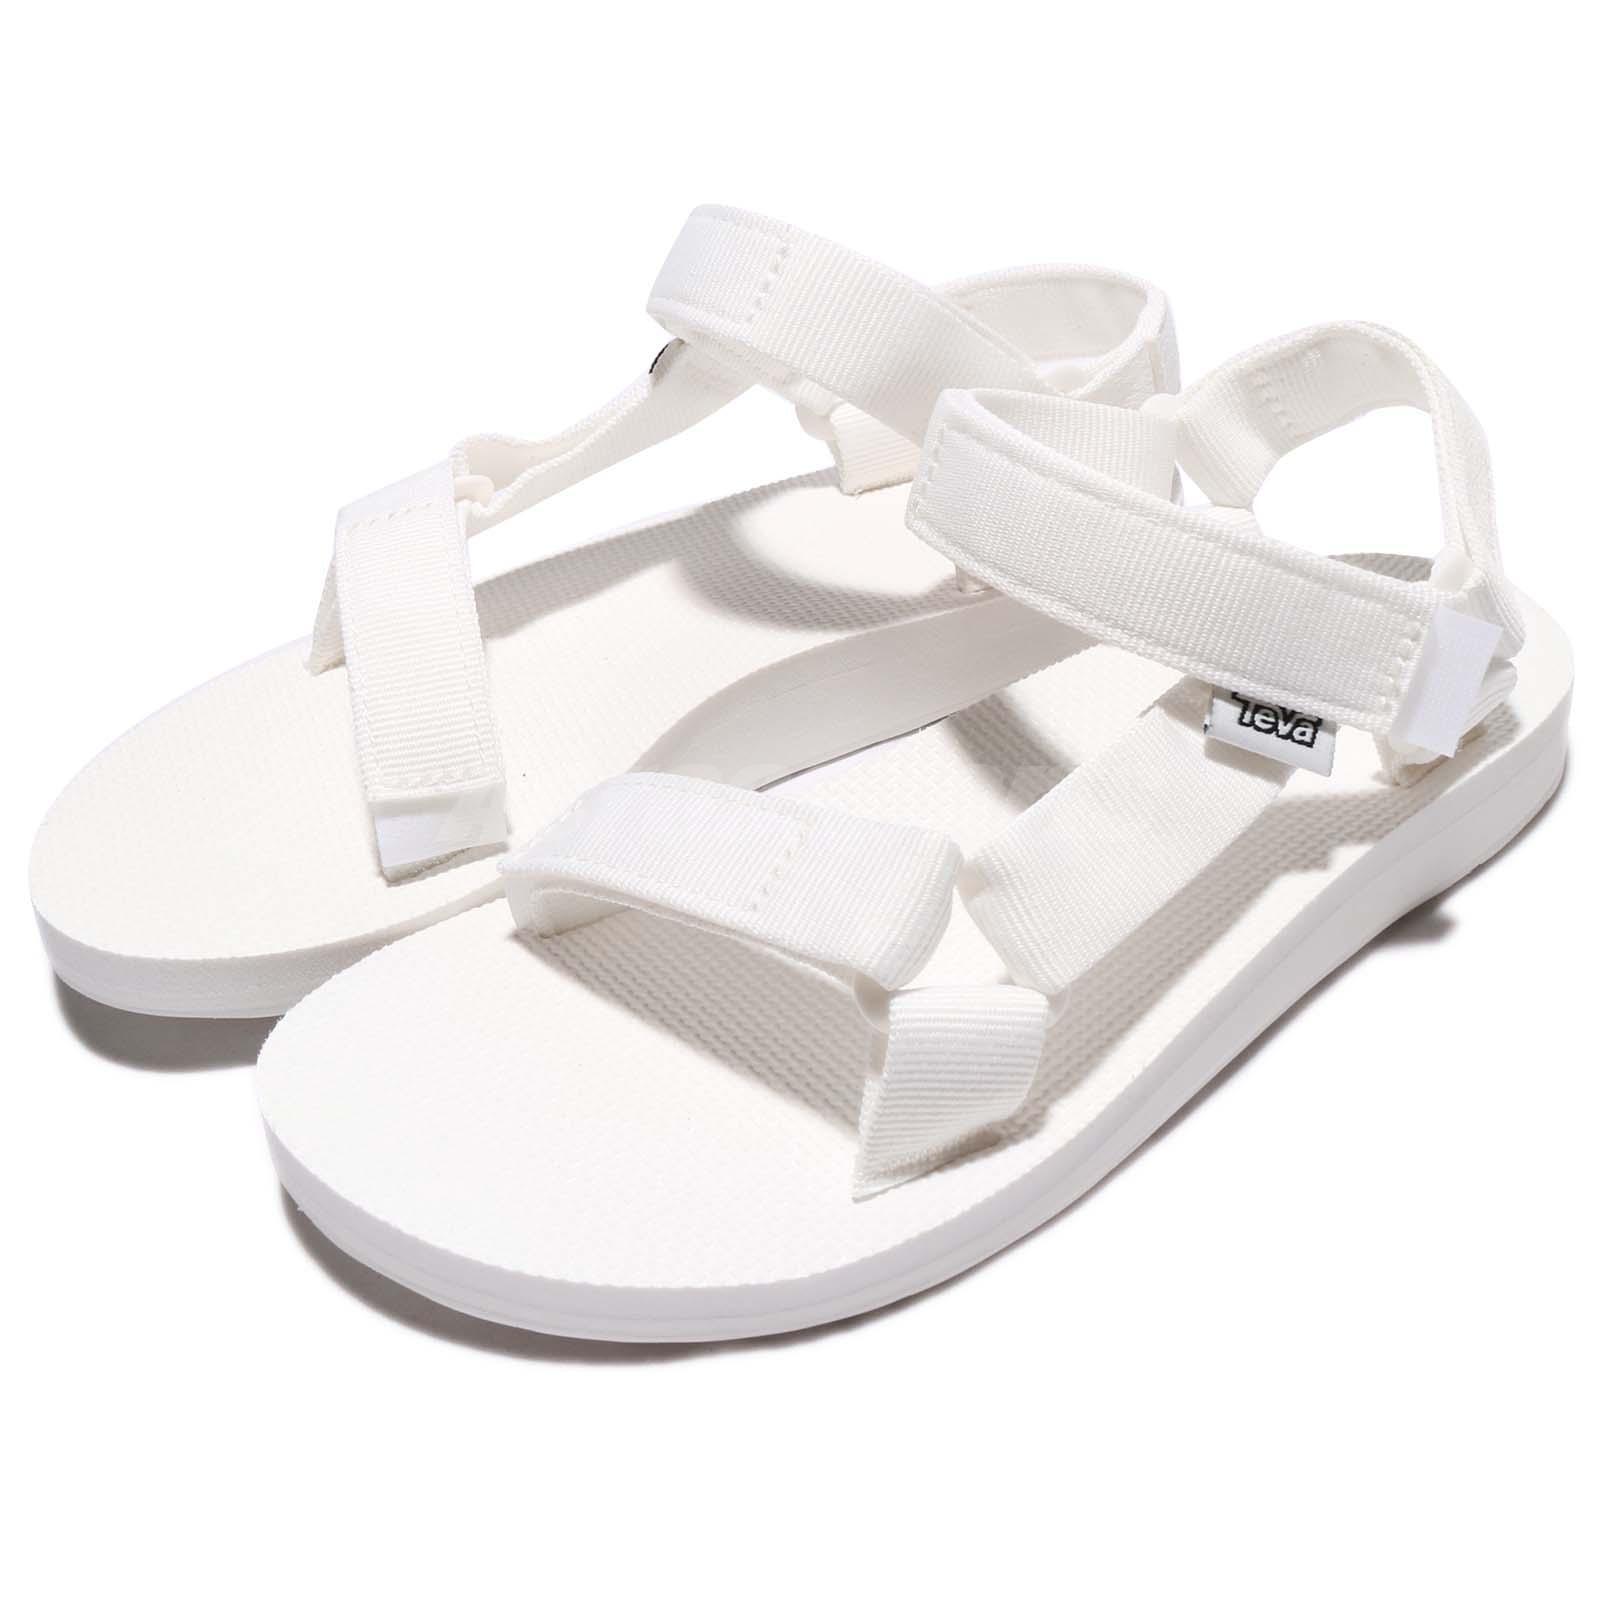 Teva W Original Universal blanco blanco blanco mujer Sports Hiking Sandal 1003987BRWH  A la venta con descuento del 70%.